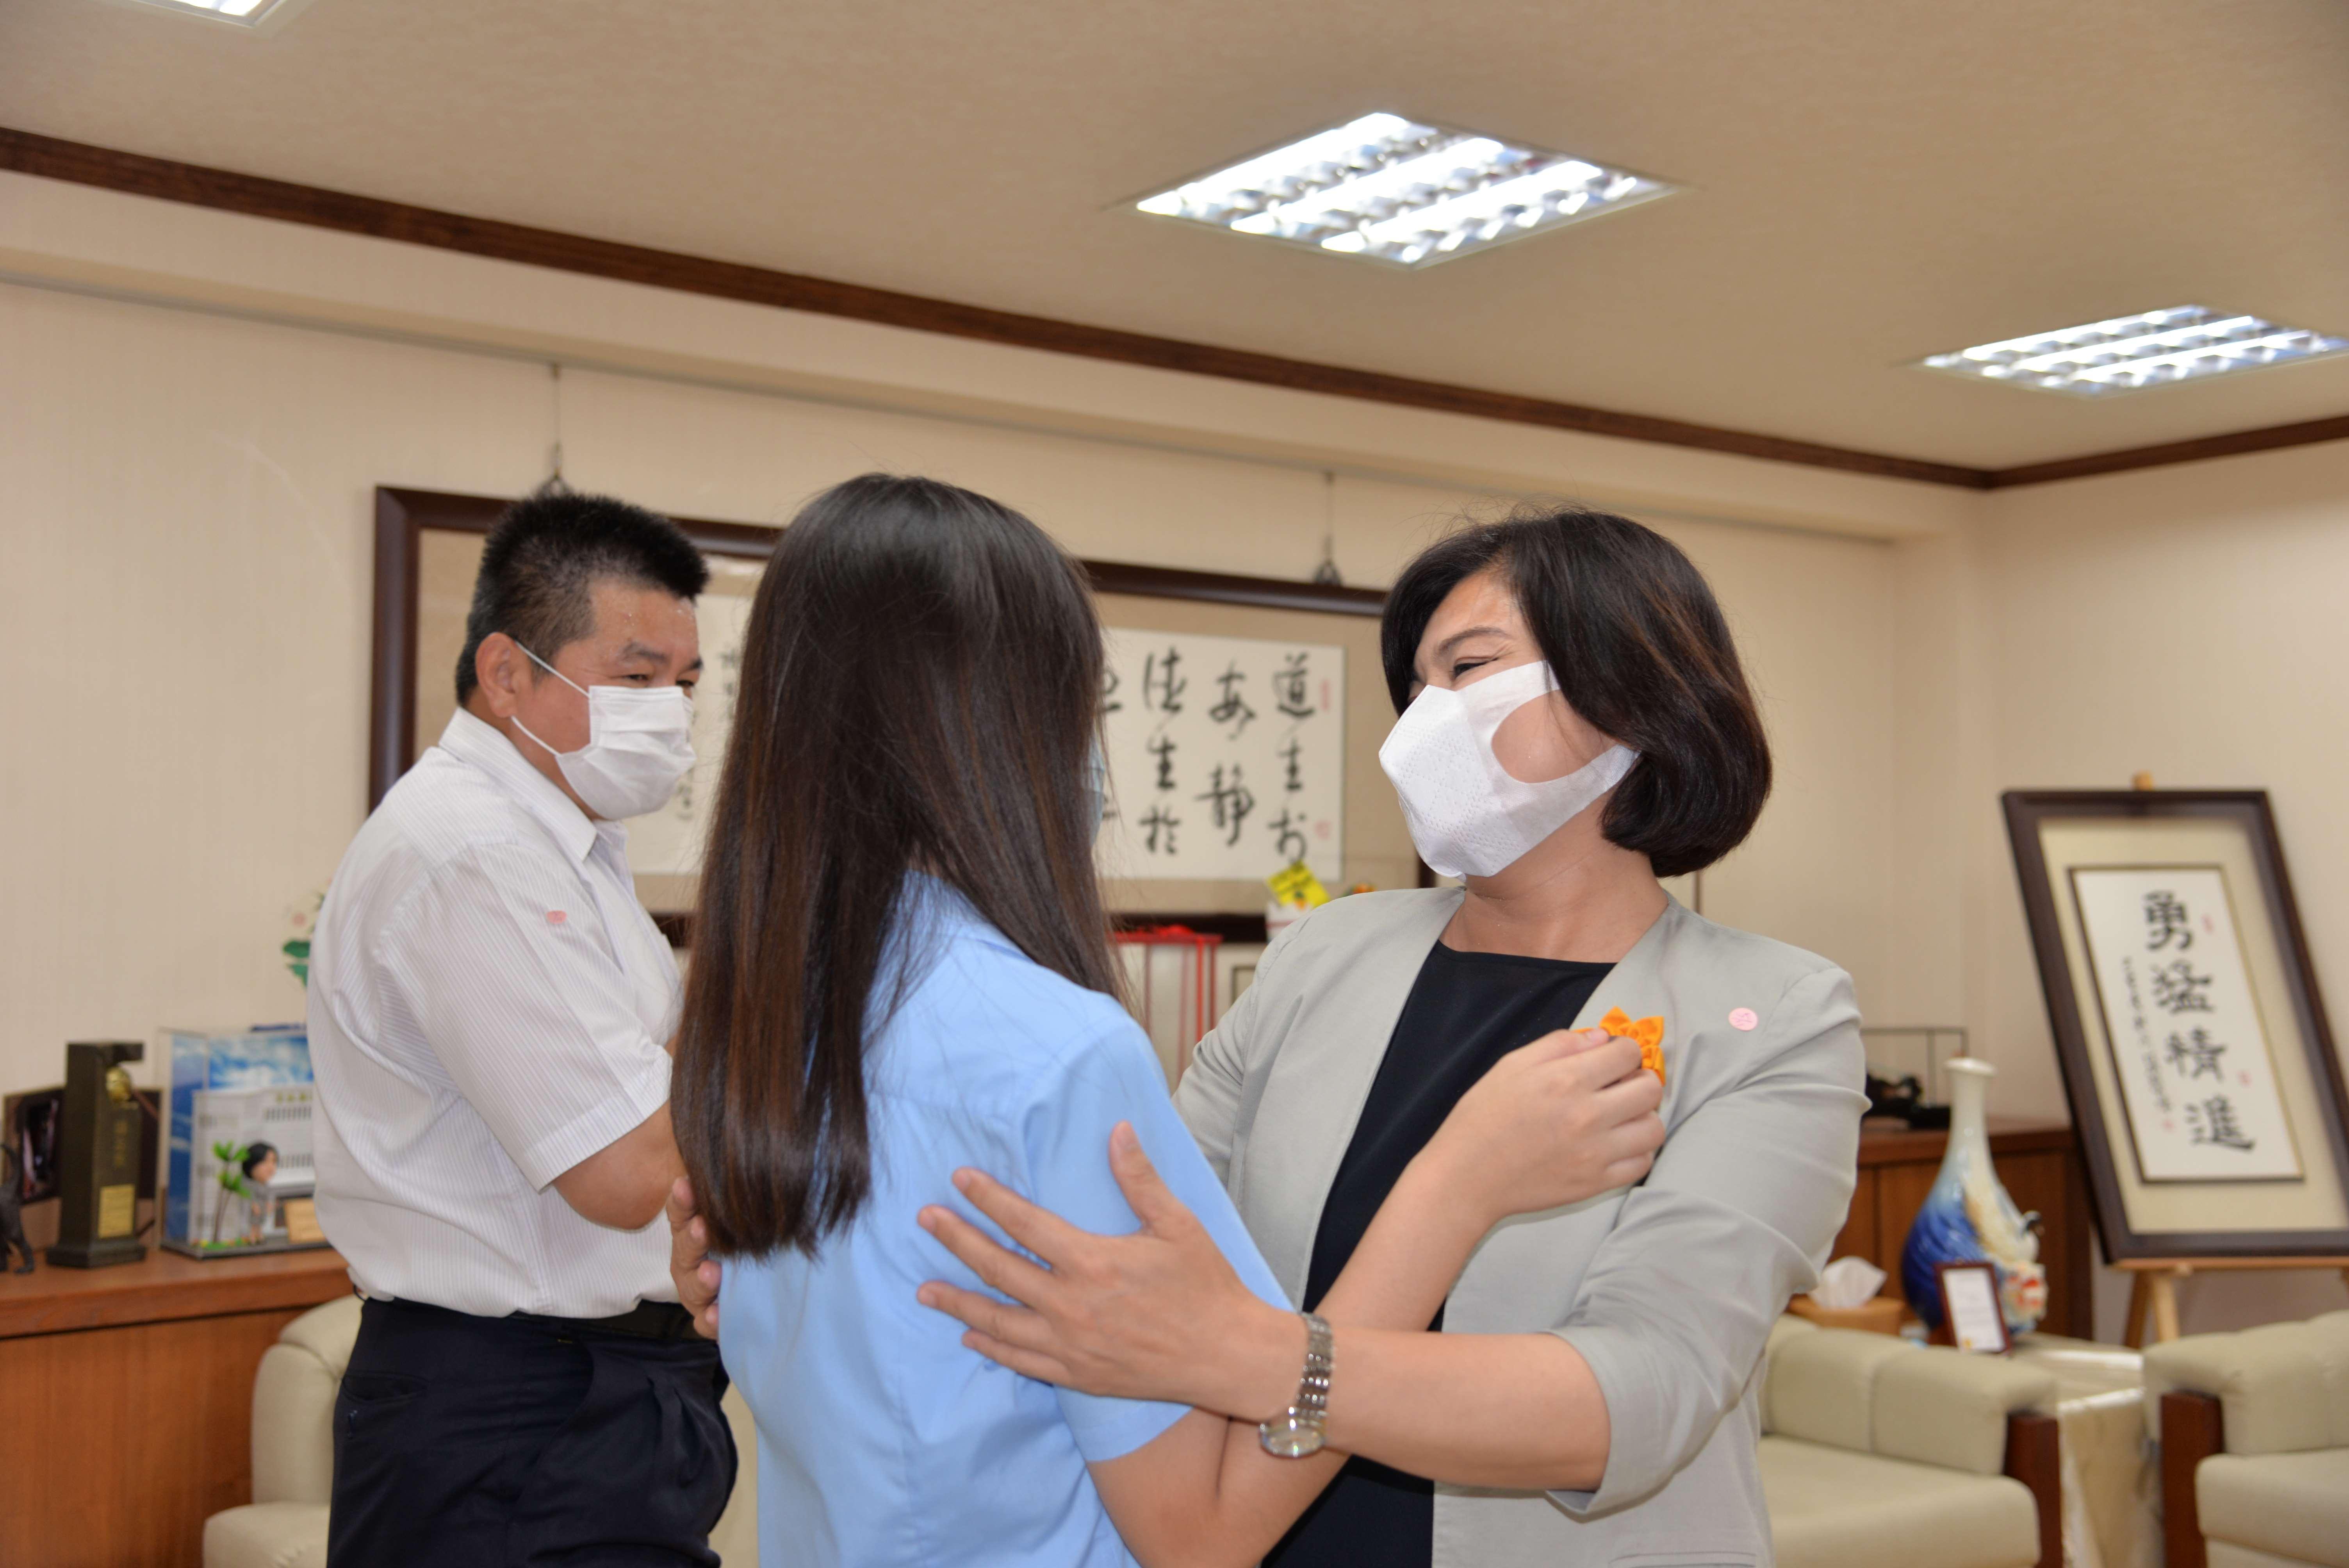 張麗善縣長特地於11日上午接見虎尾高中陳婉茹同學,表達祝賀之意。